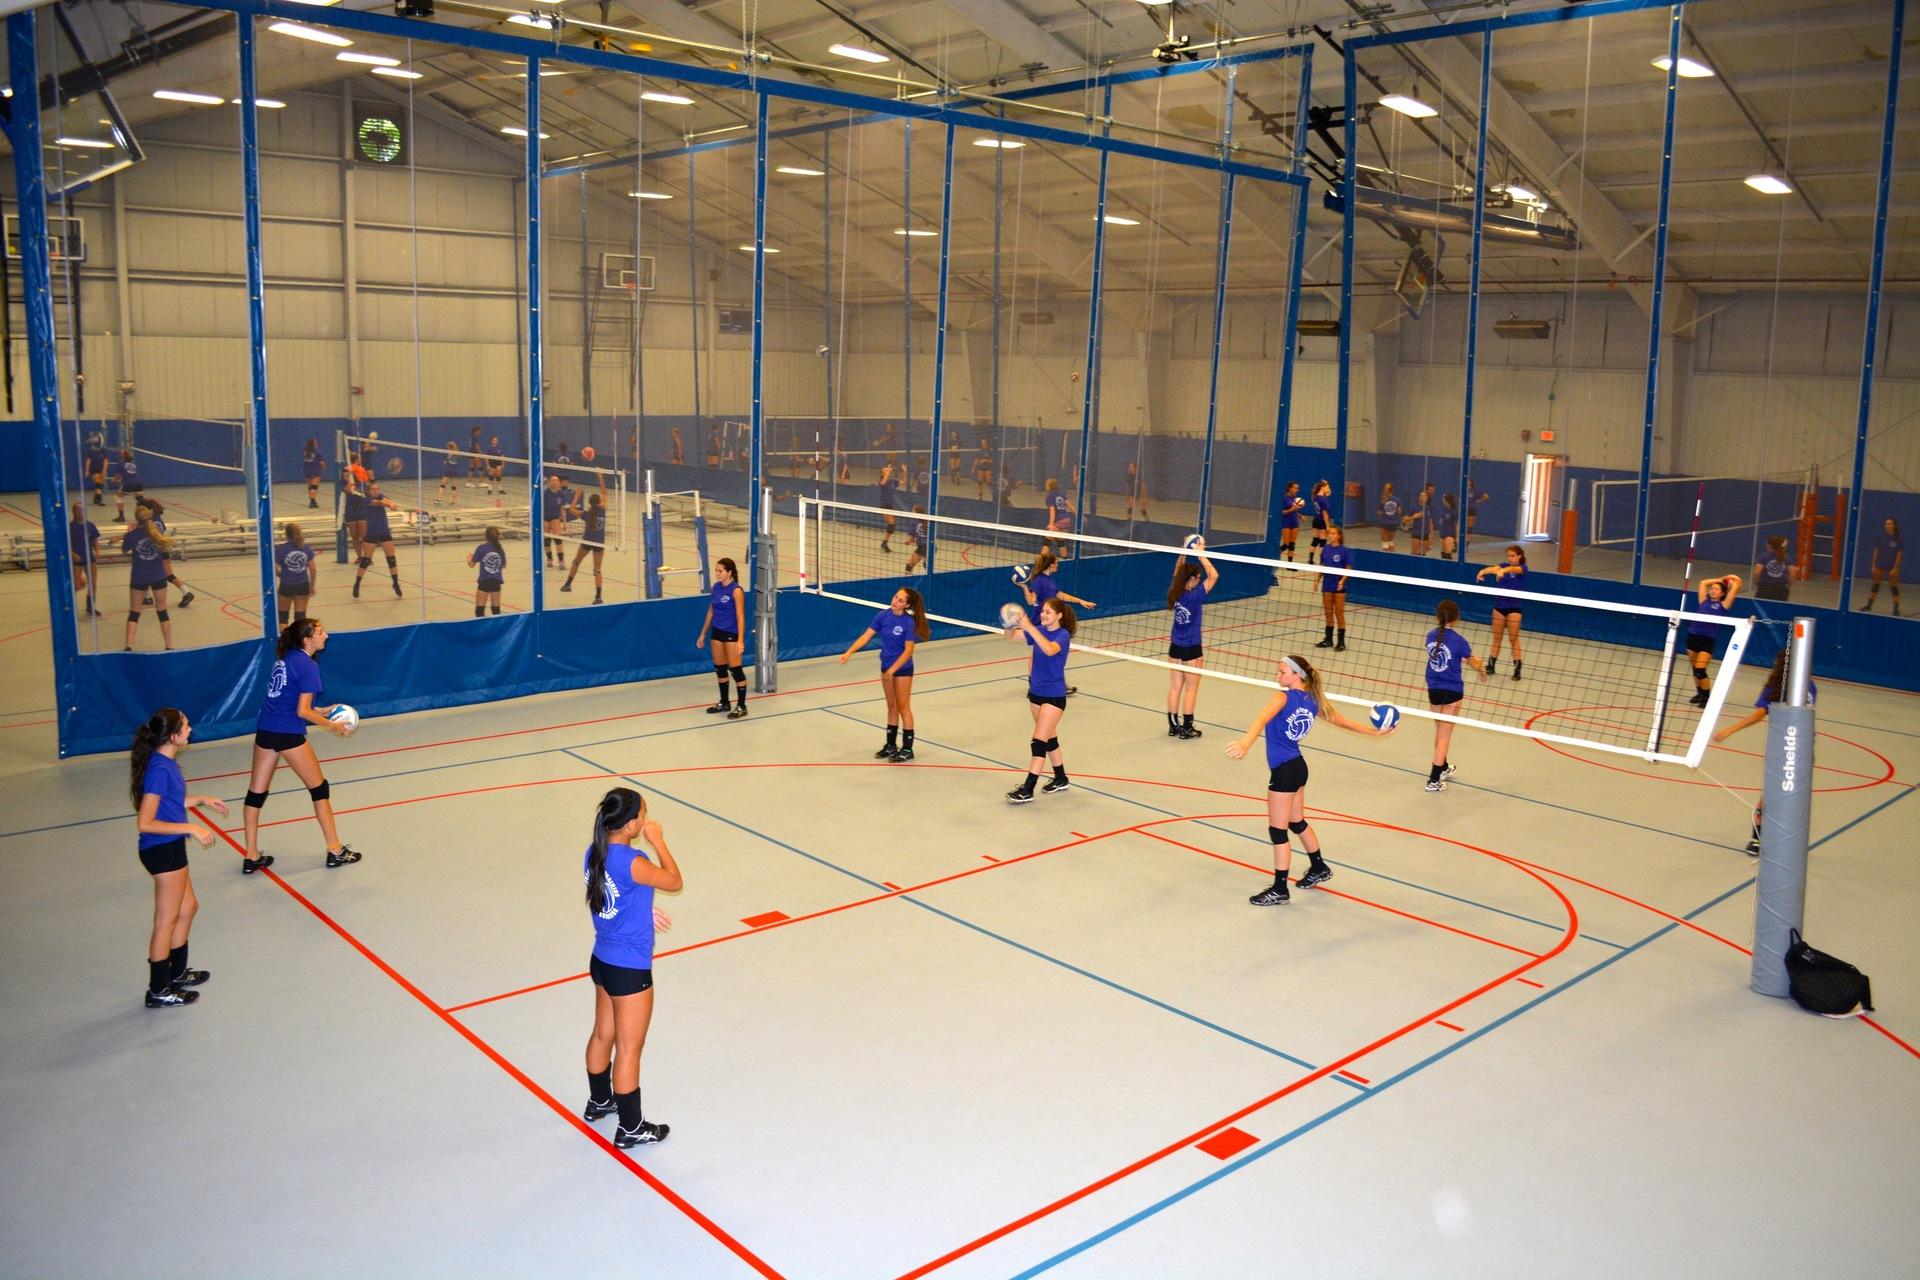 Centro deportivo cubierto: una mejor opción para jugar